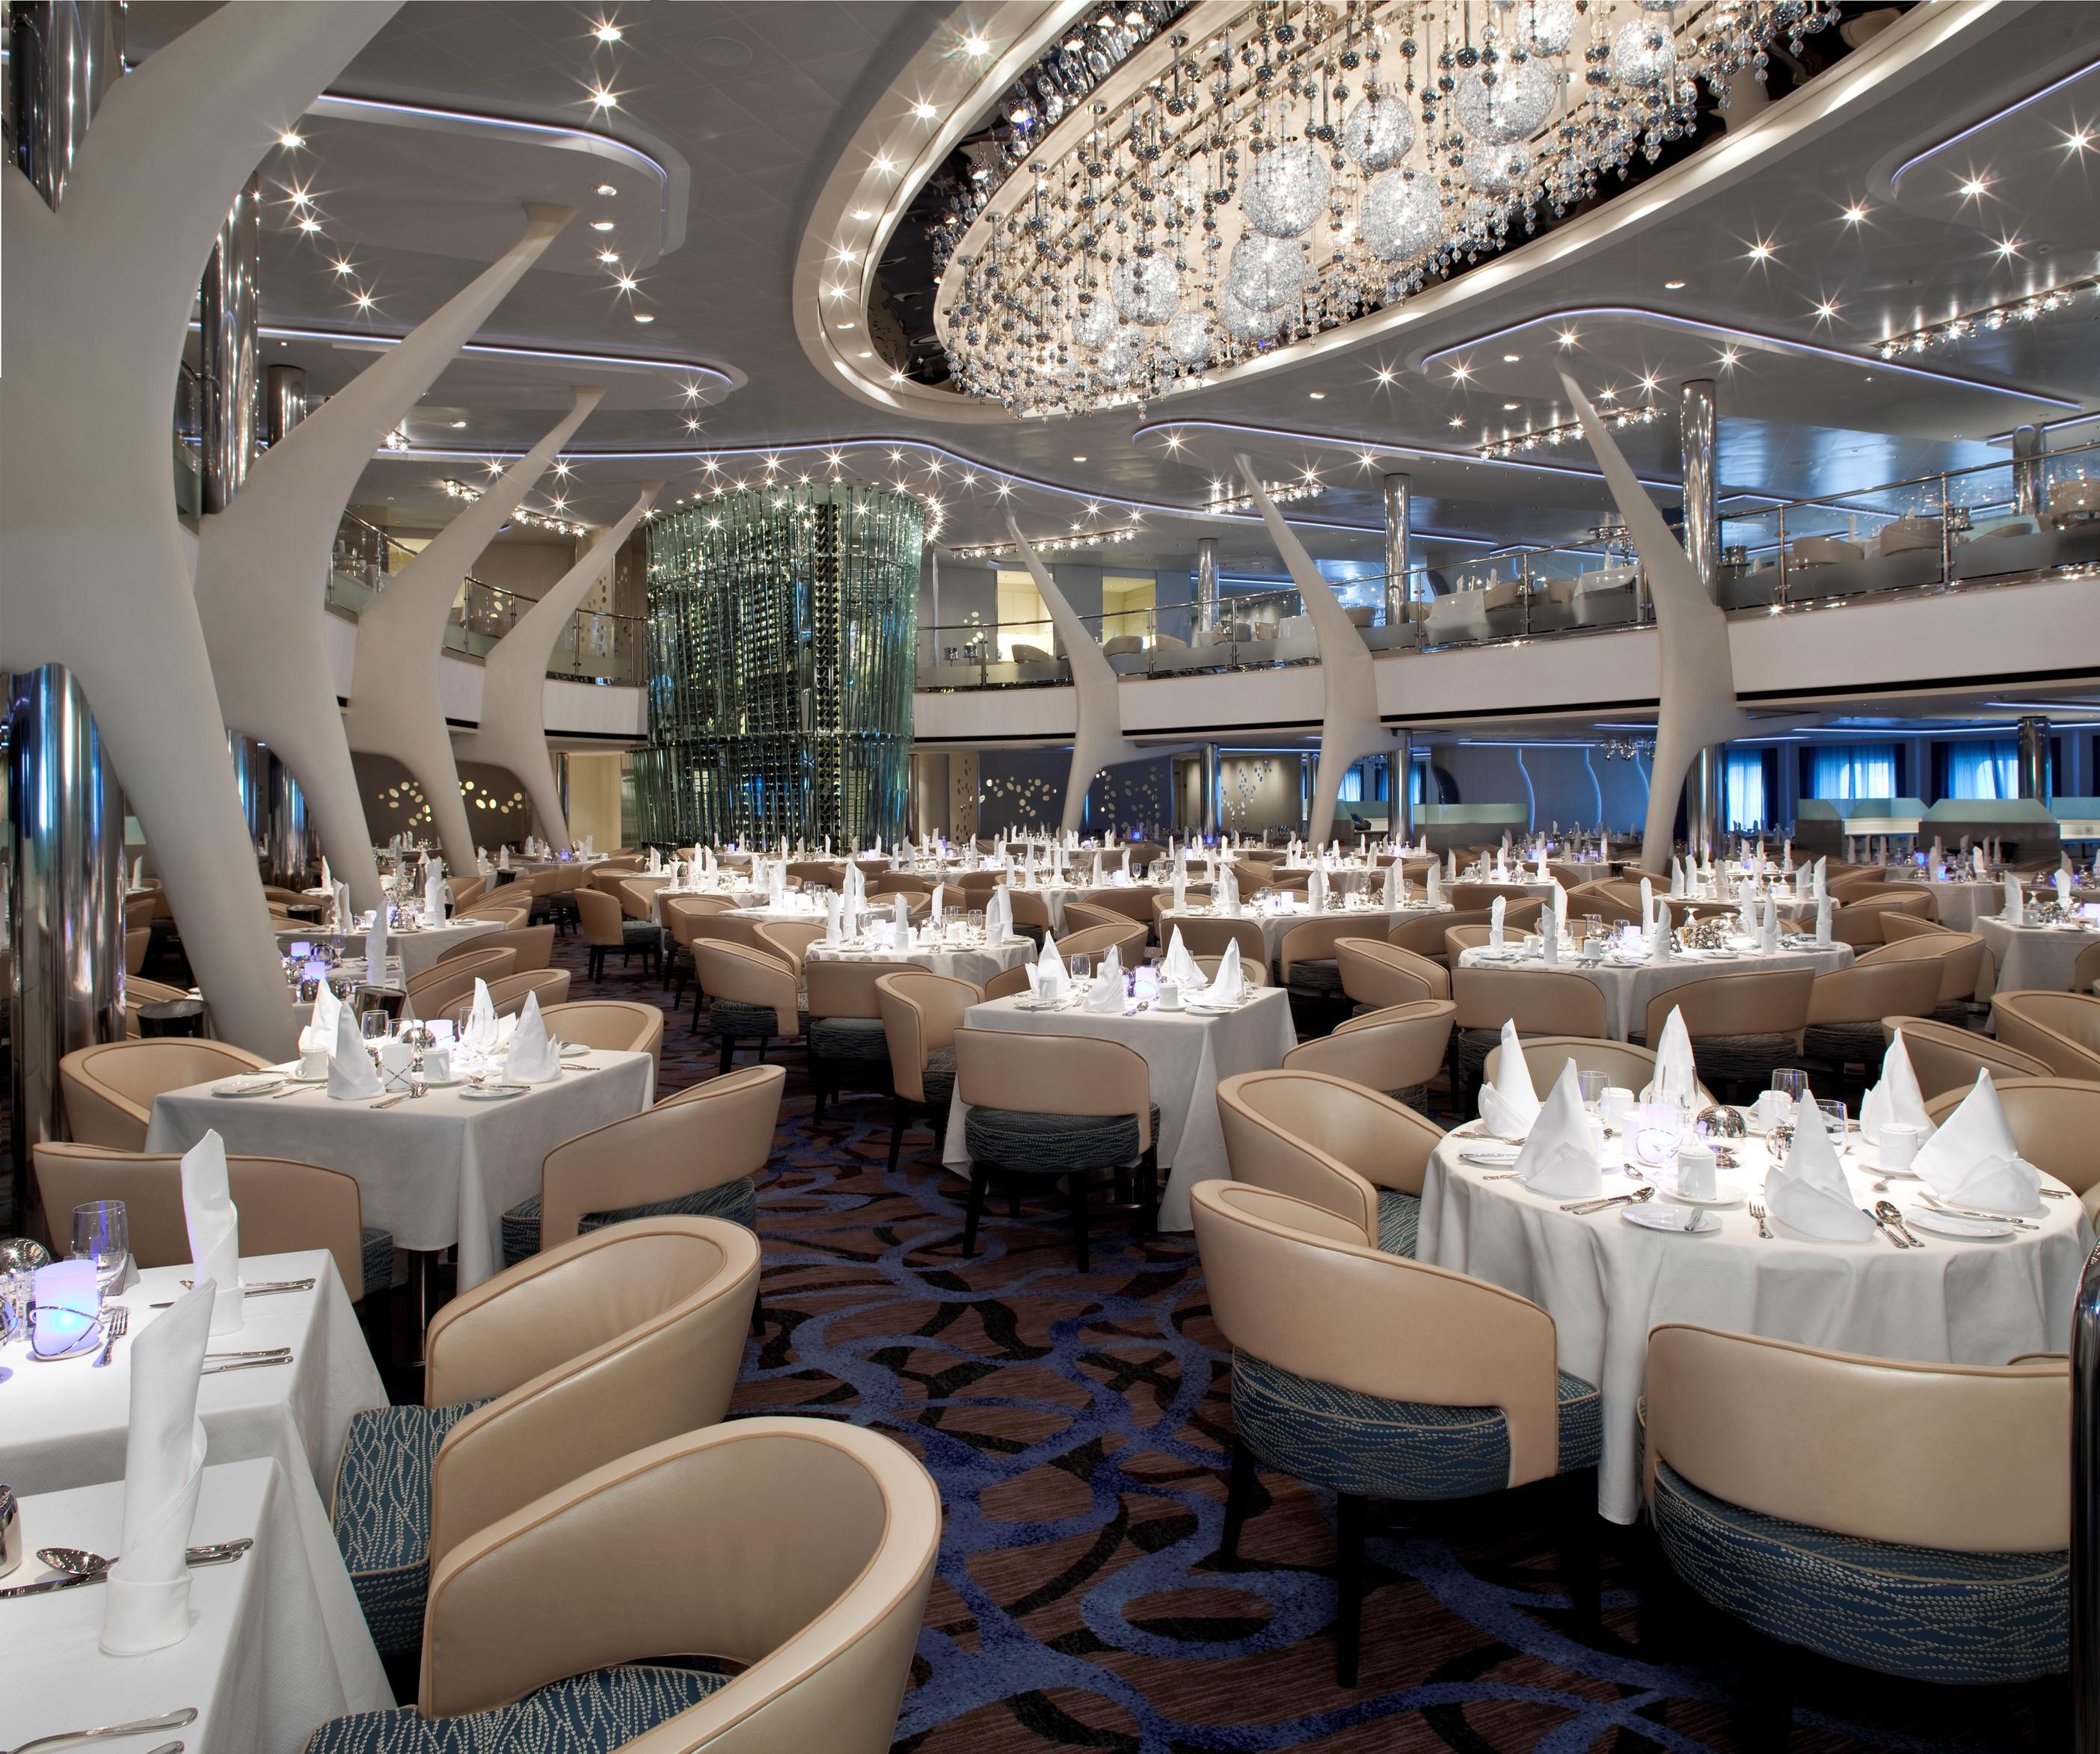 Moonlight Sonata Restaurant